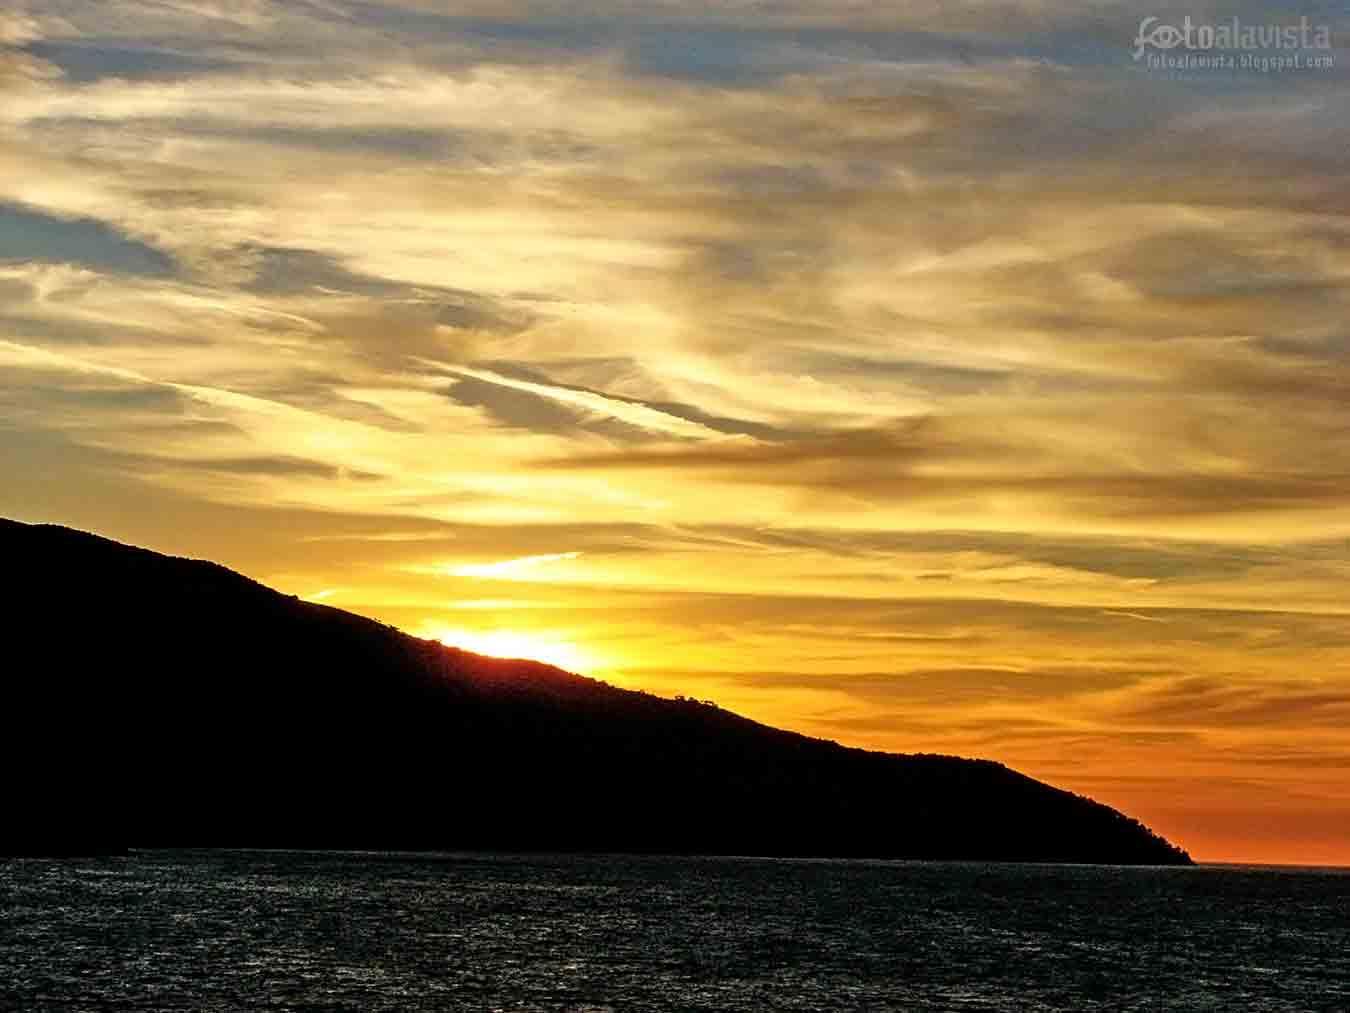 Atardecer sobre el mar en un islote de Islandia. Se termina octubre y se va ocultando el sol.